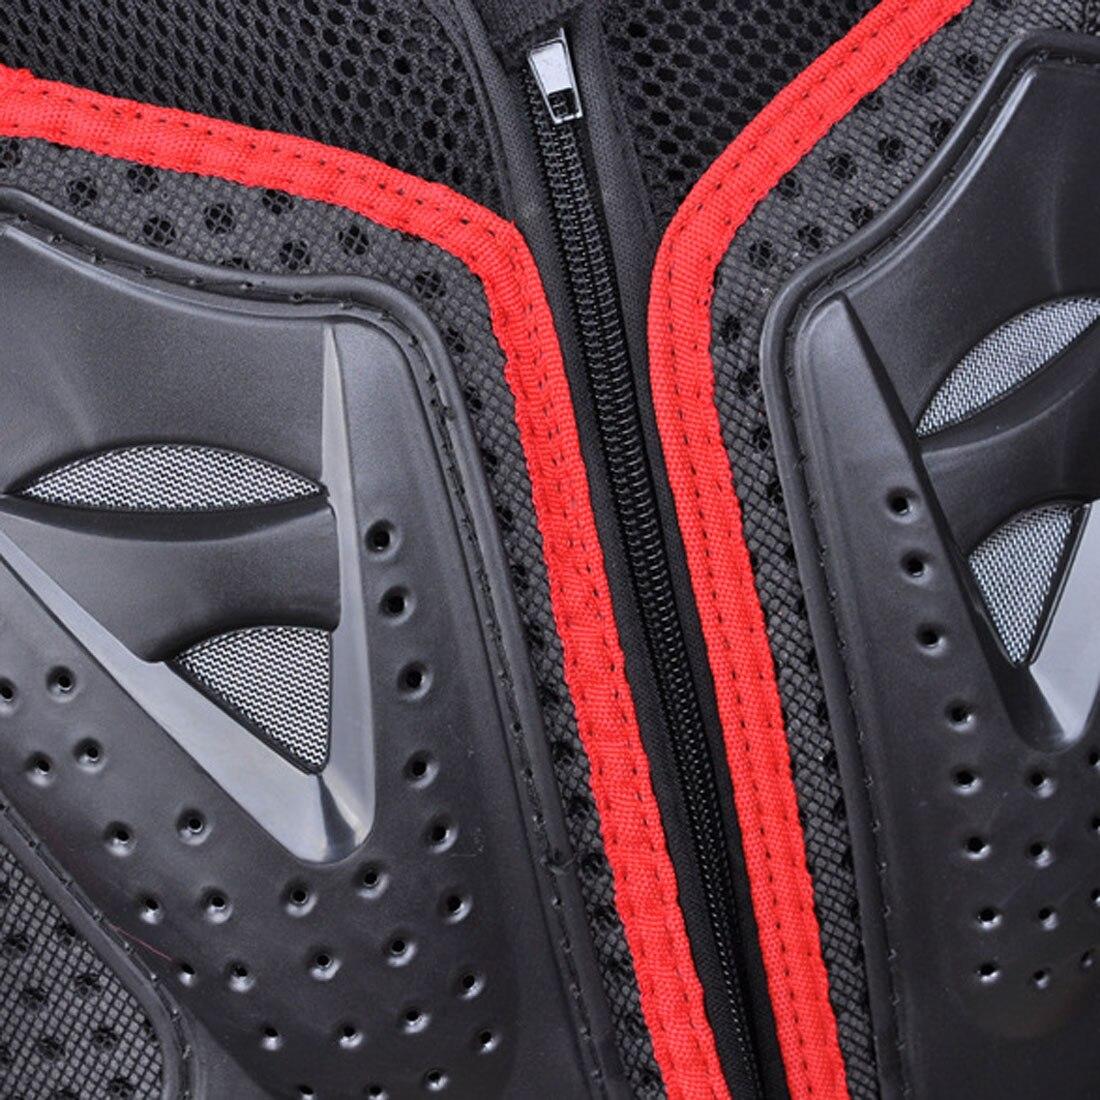 Dongzhen moto veste moto armure Protection Motocross vêtements veste croix dos/rouge armure protecteur course Automobile - 6